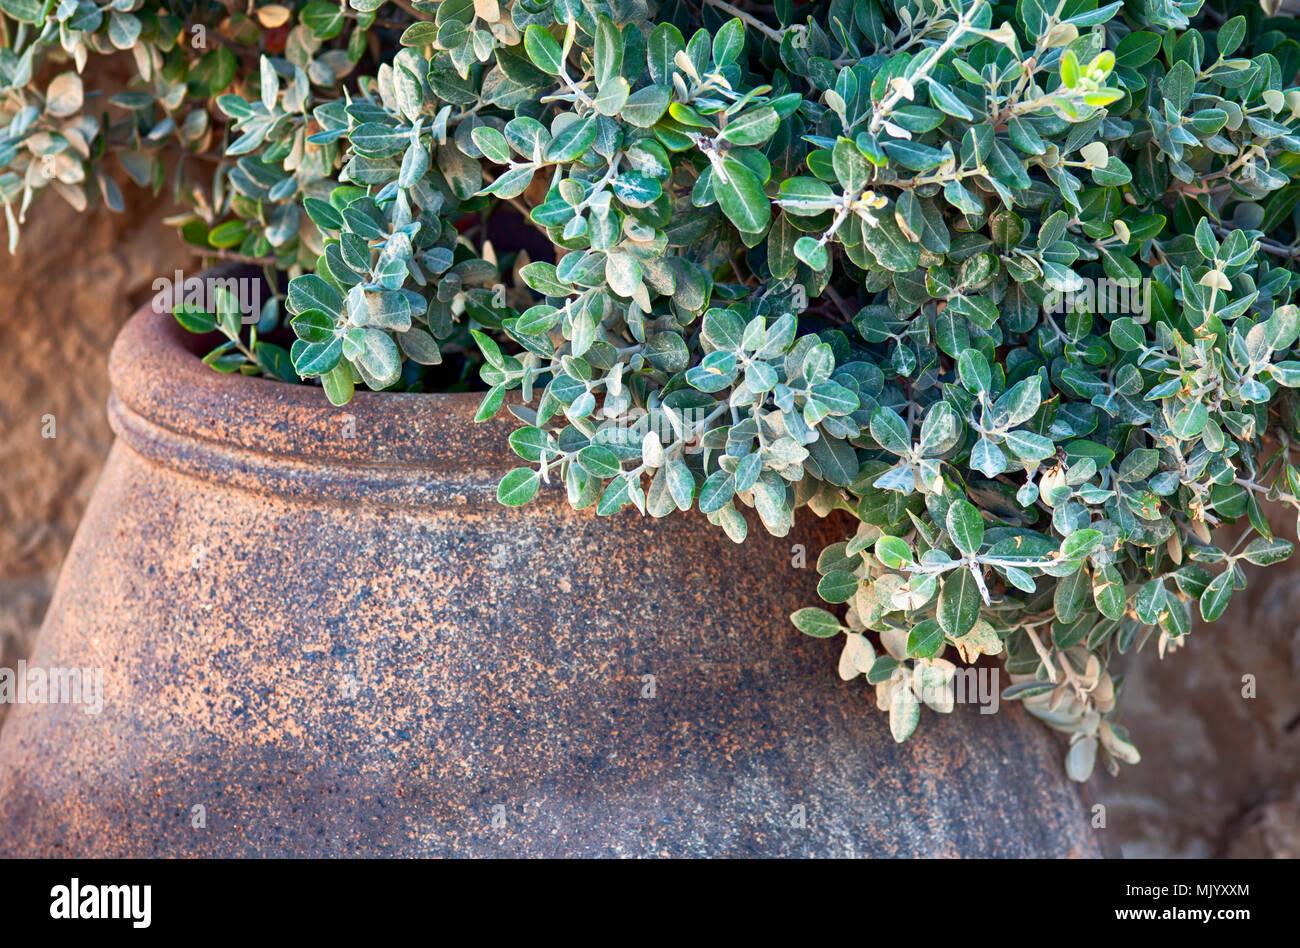 Piante verdi in vaso di pietra. Close-up. Immagini Stock